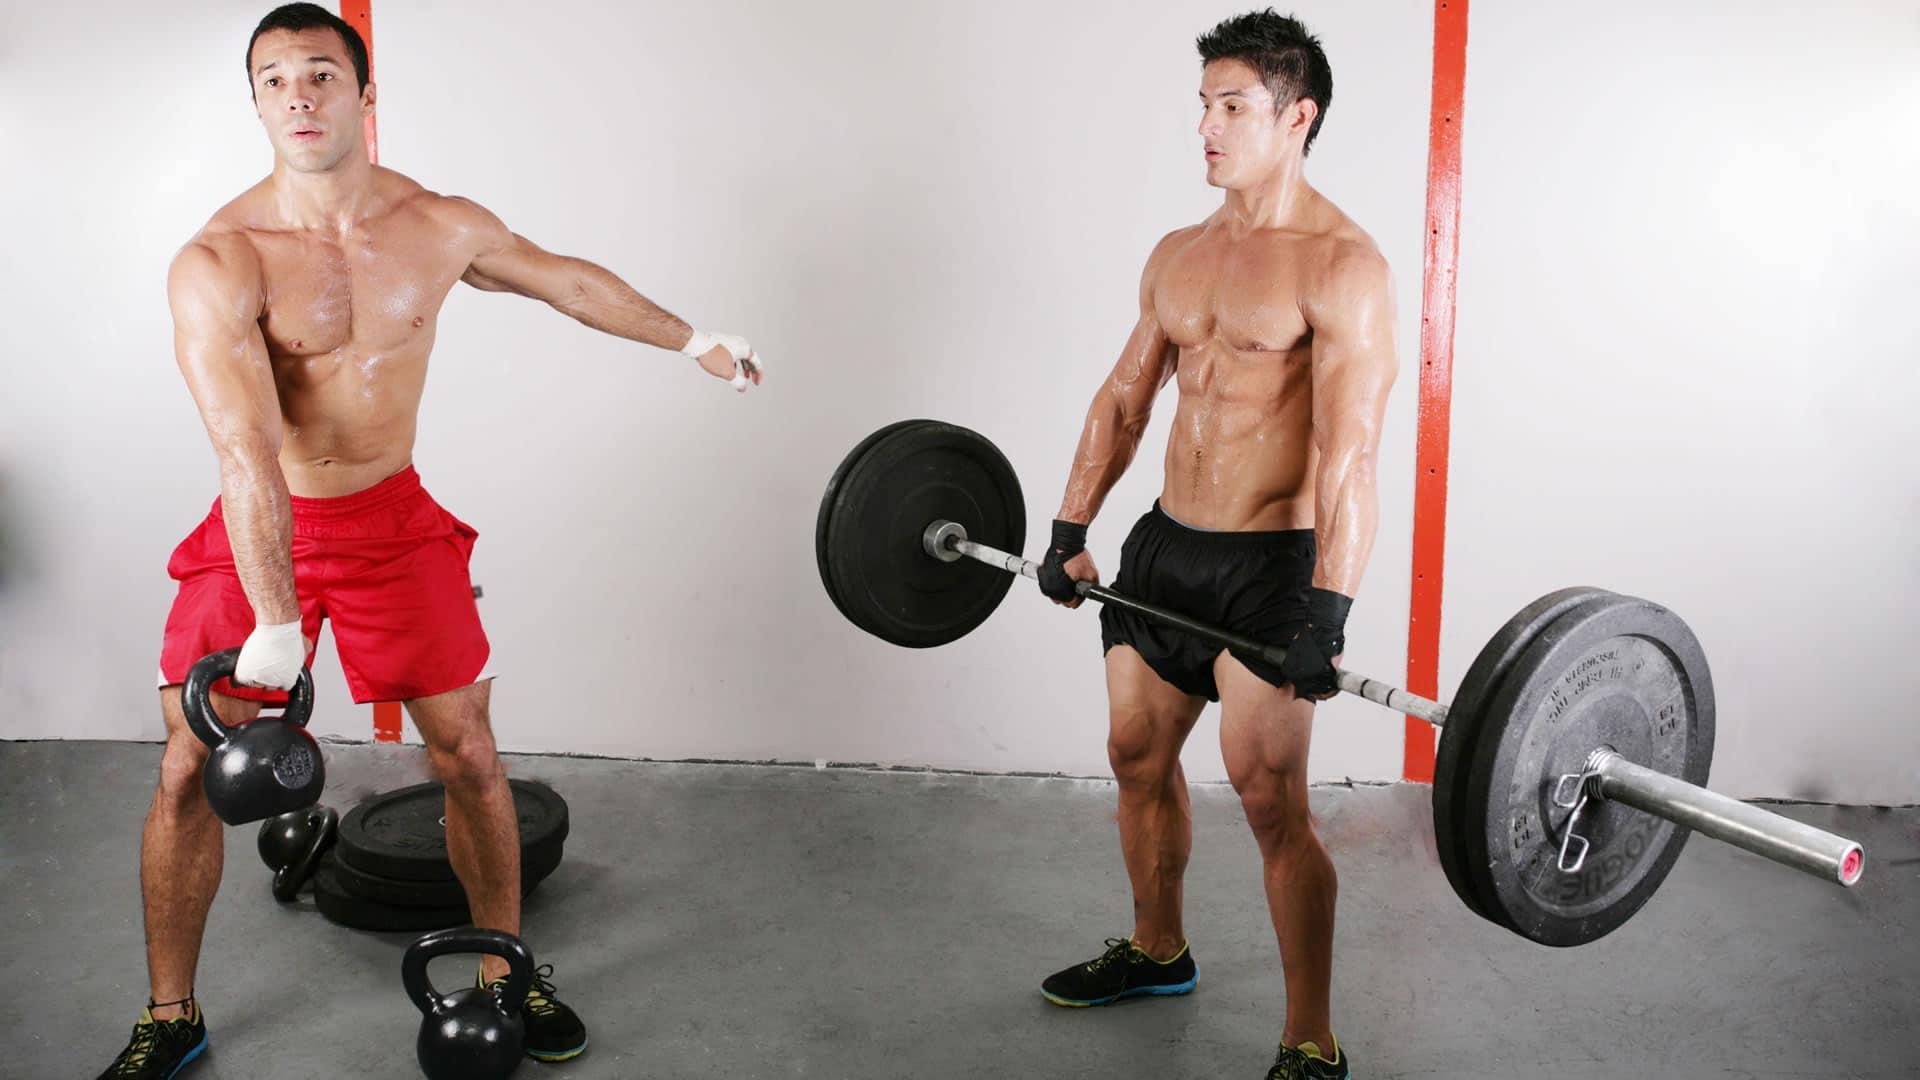 Accesorios de entrenamiento en el gimnasio cambiatufisico for Fitness gym hombres